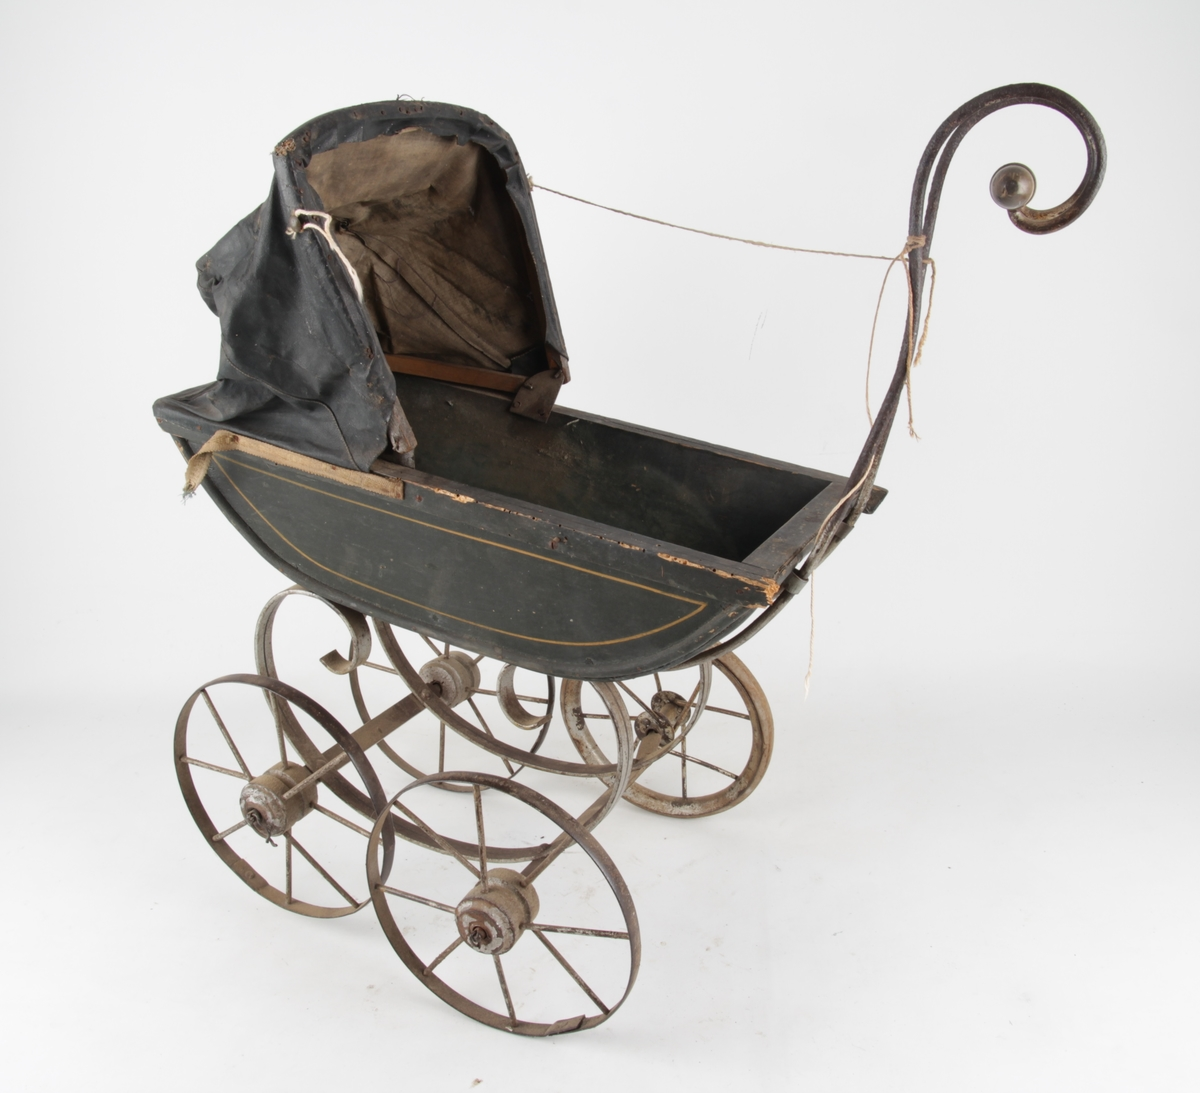 Halvmåneformet barnevogn med store hjul og håndtak.